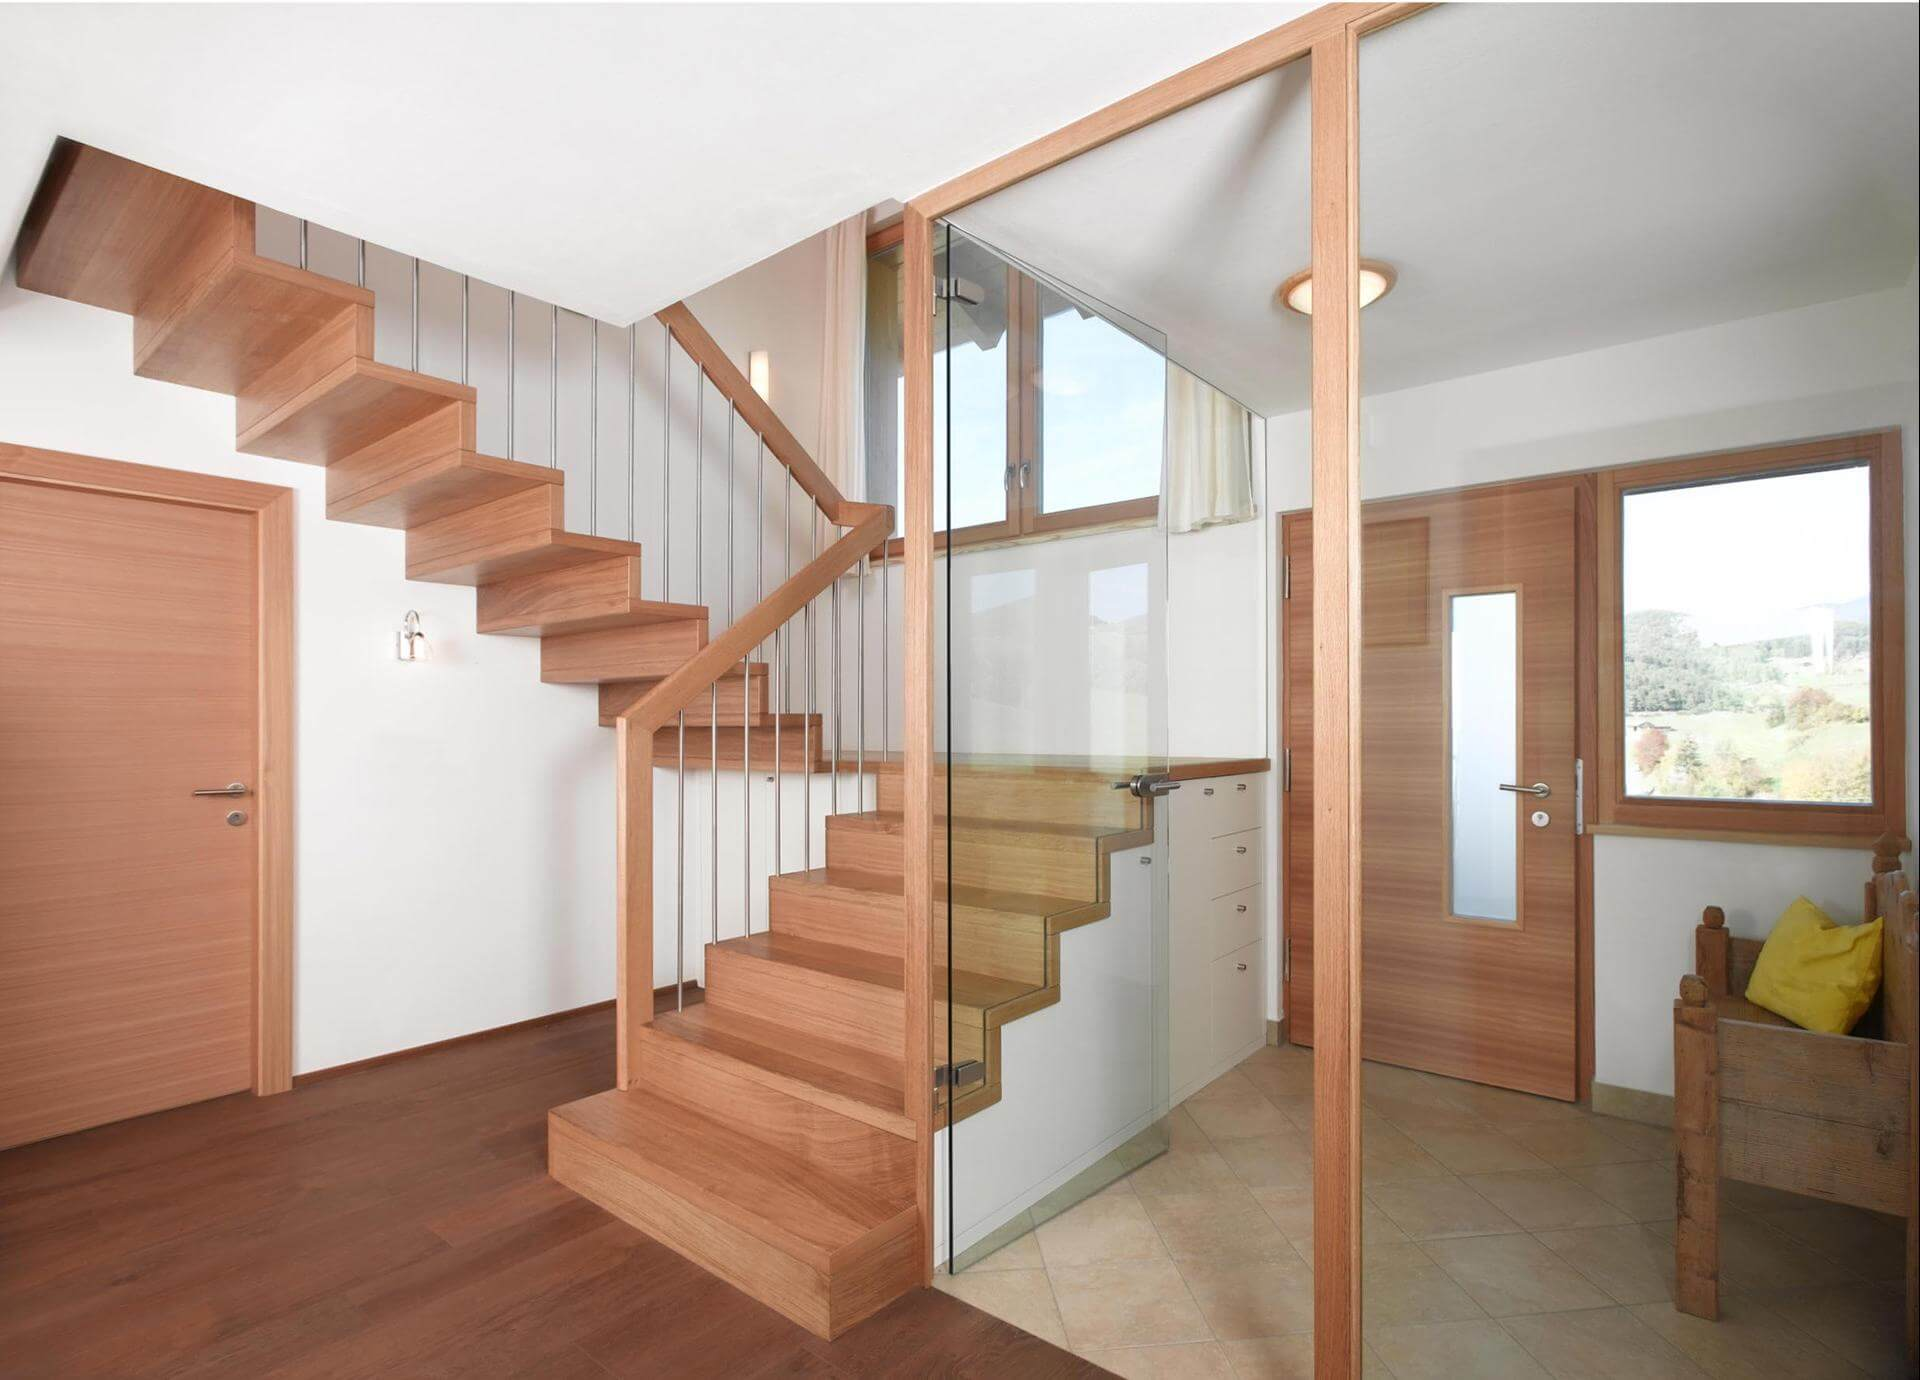 treppe mit windfang. Black Bedroom Furniture Sets. Home Design Ideas